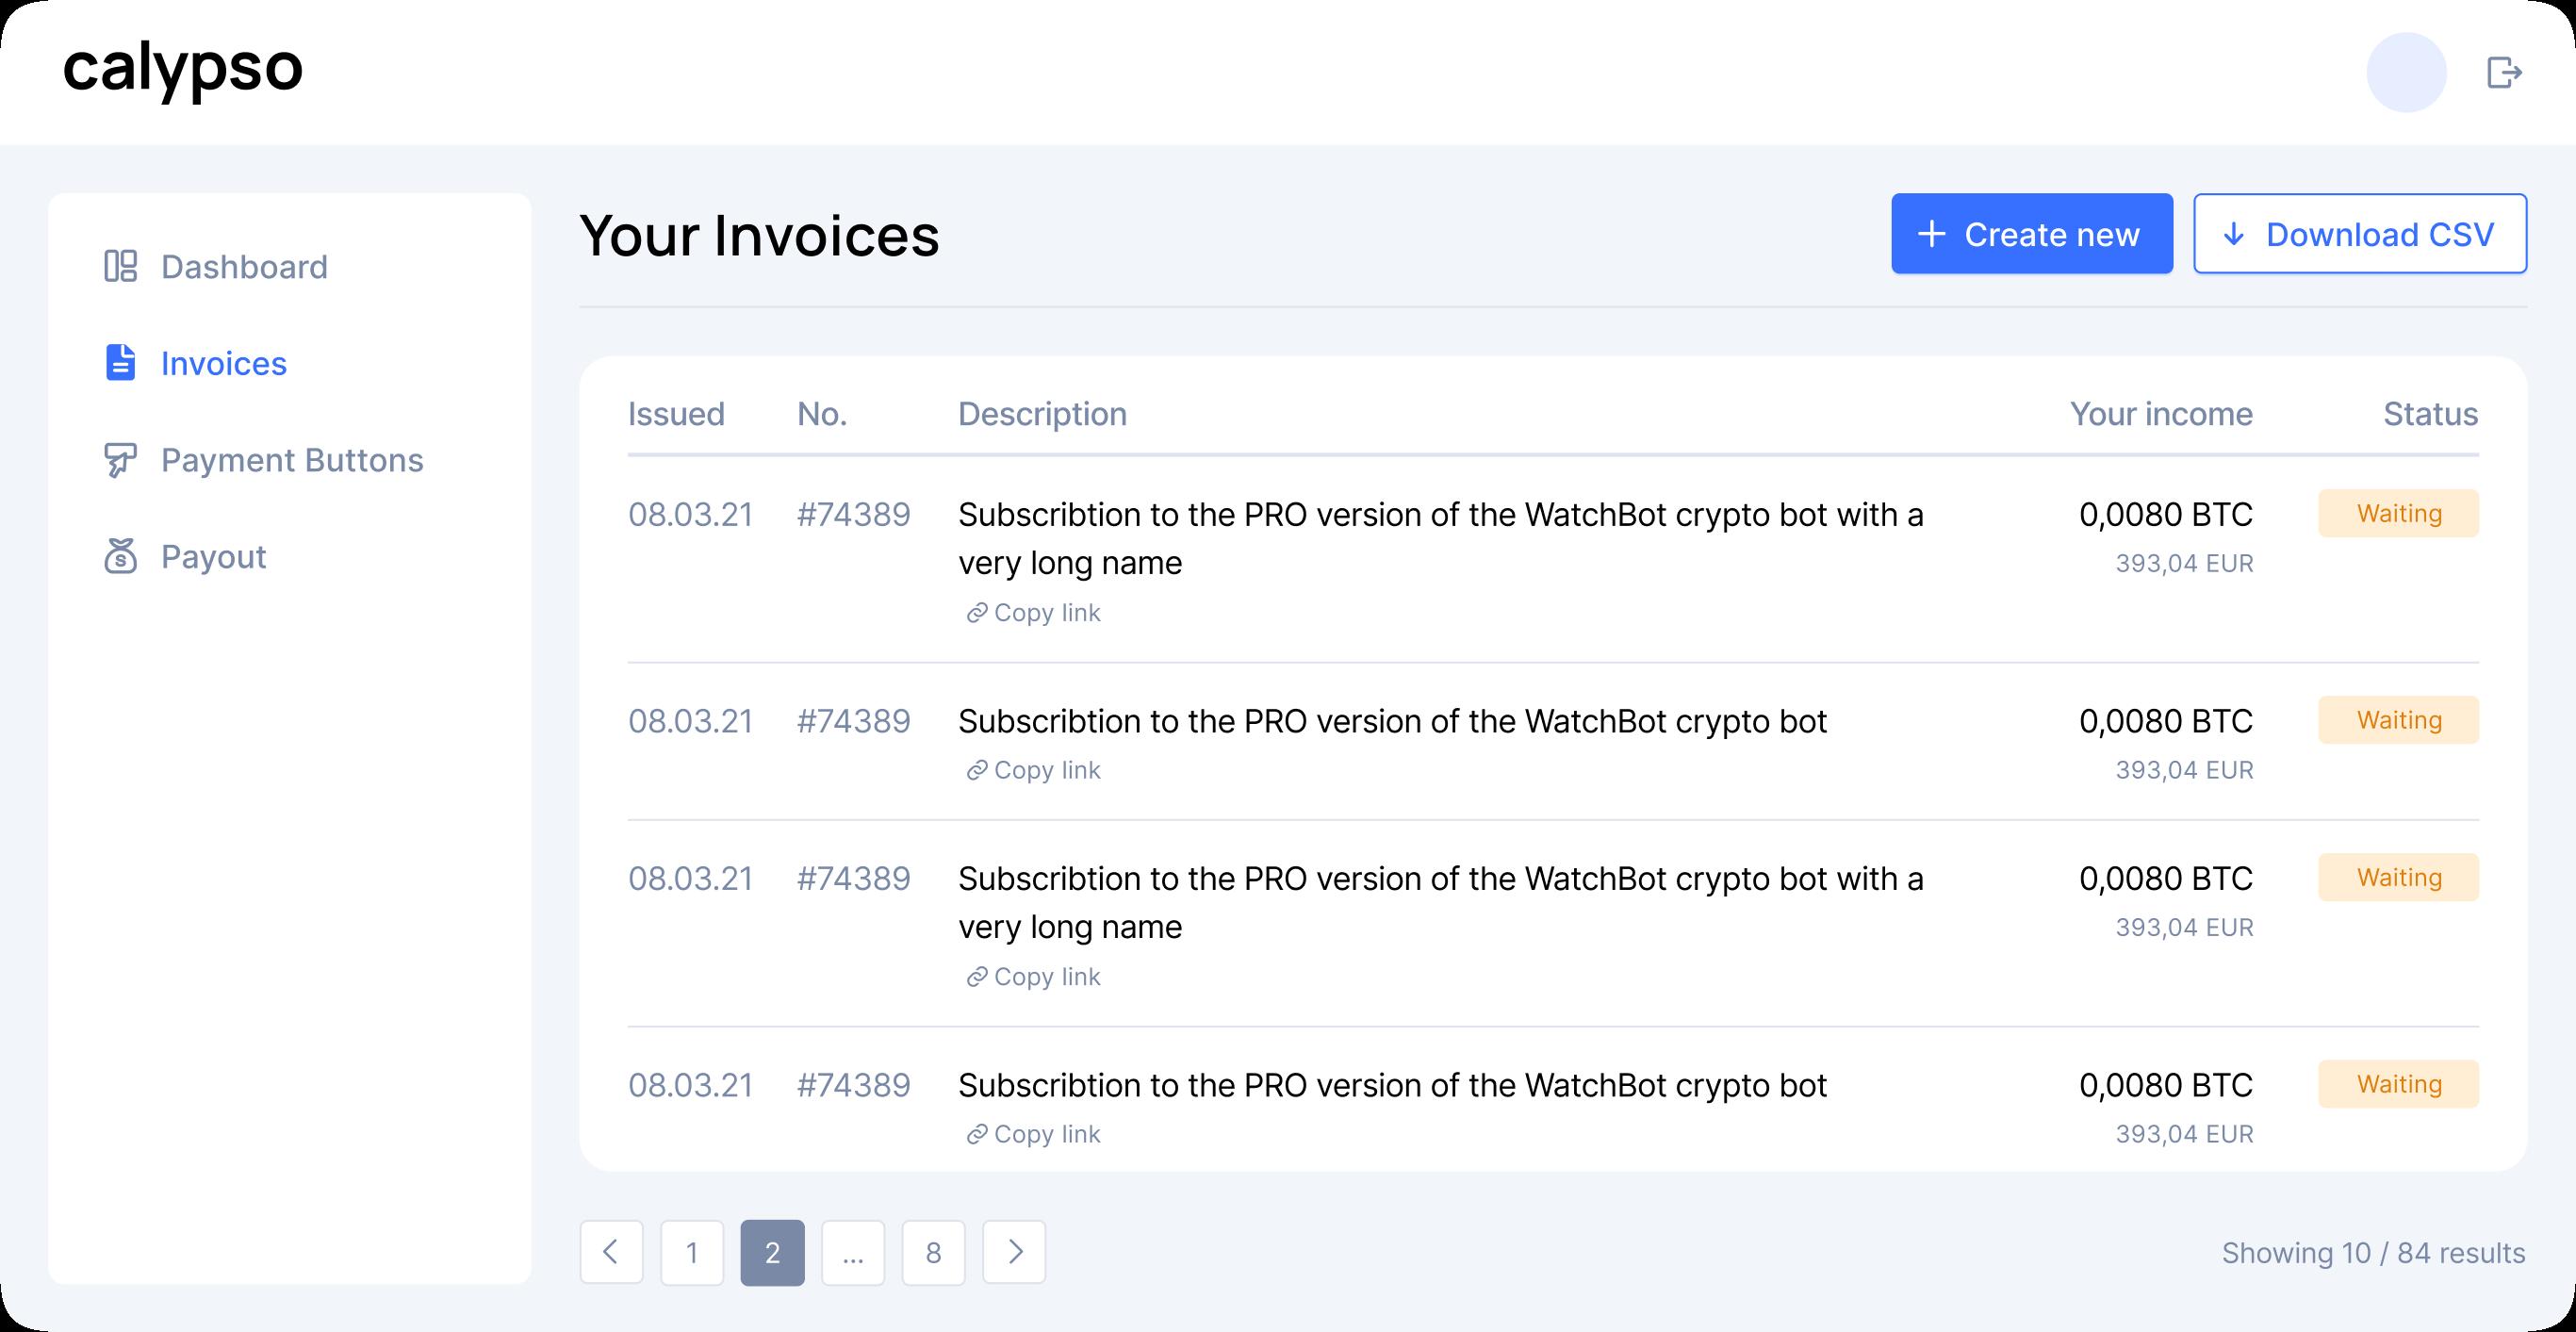 Dashboard invoice